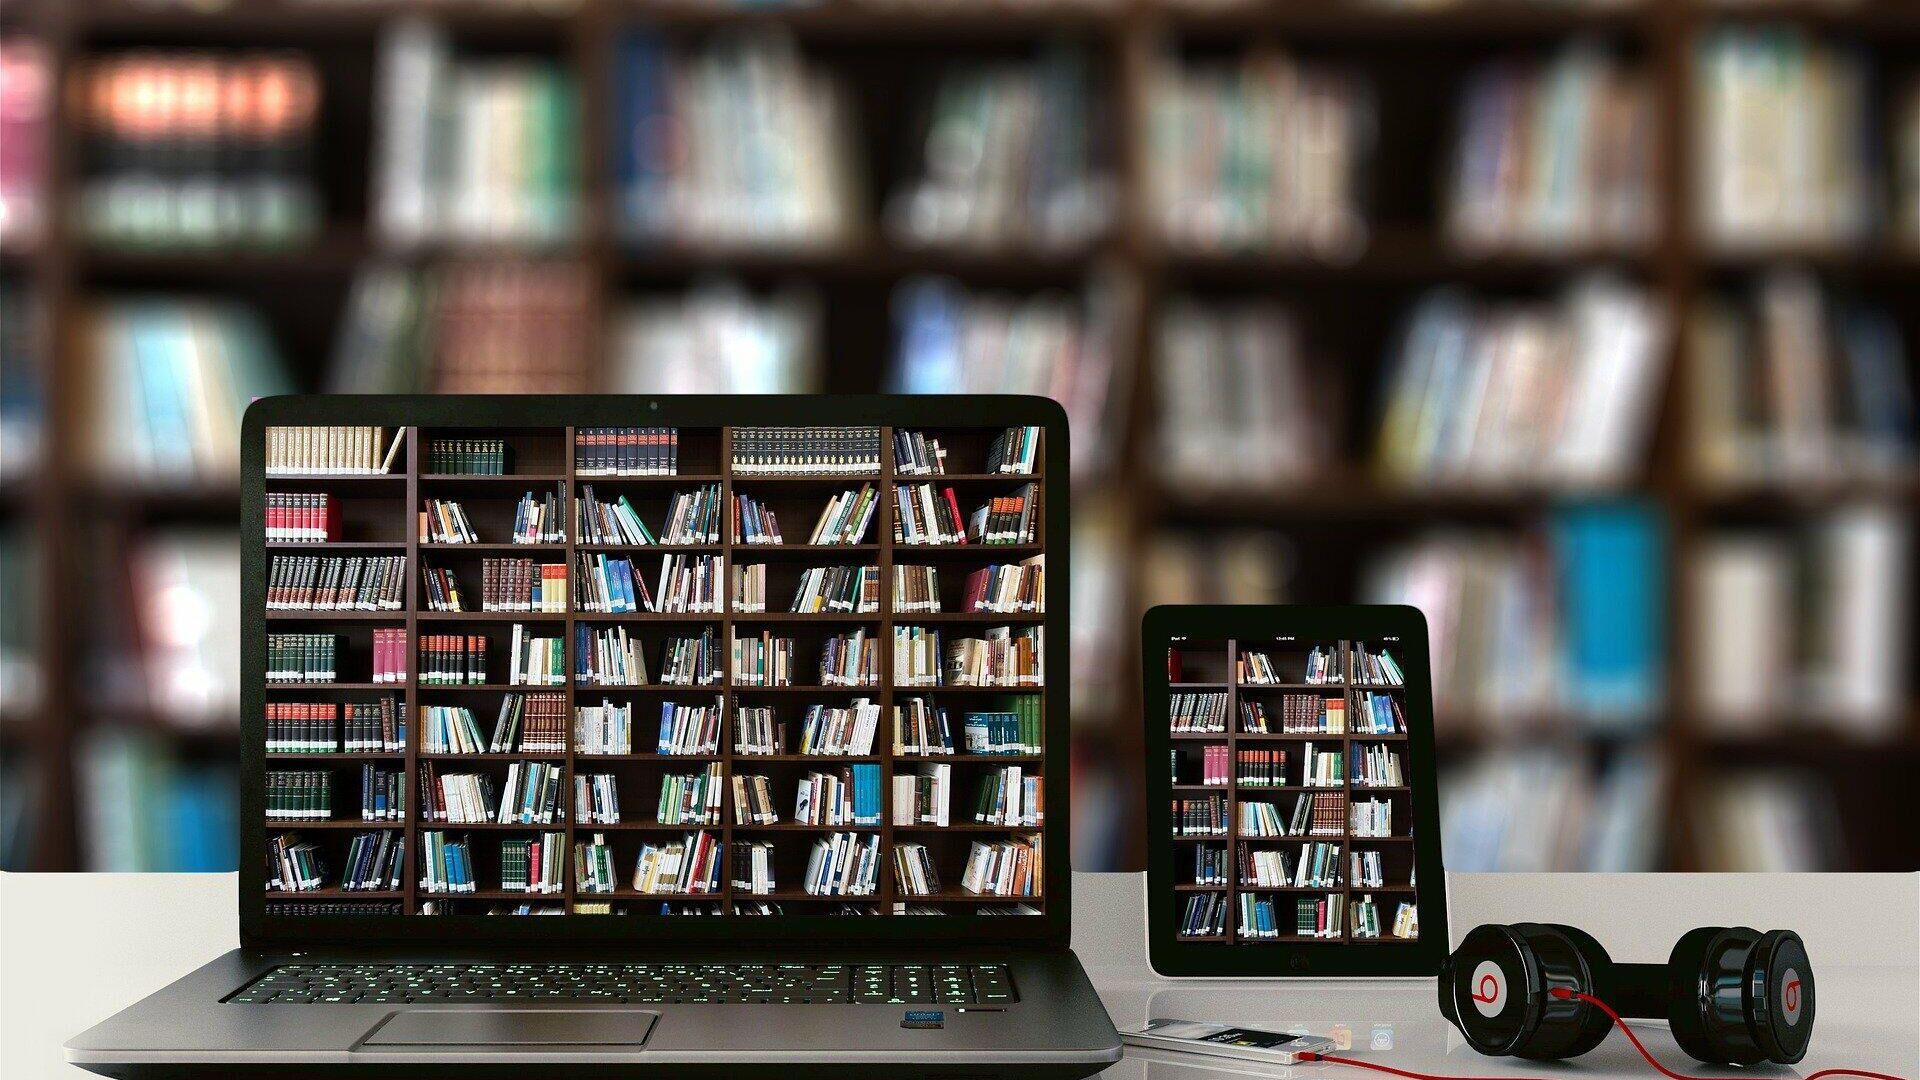 Biblioteka na kompjuteru - Sputnik Srbija, 1920, 23.09.2021